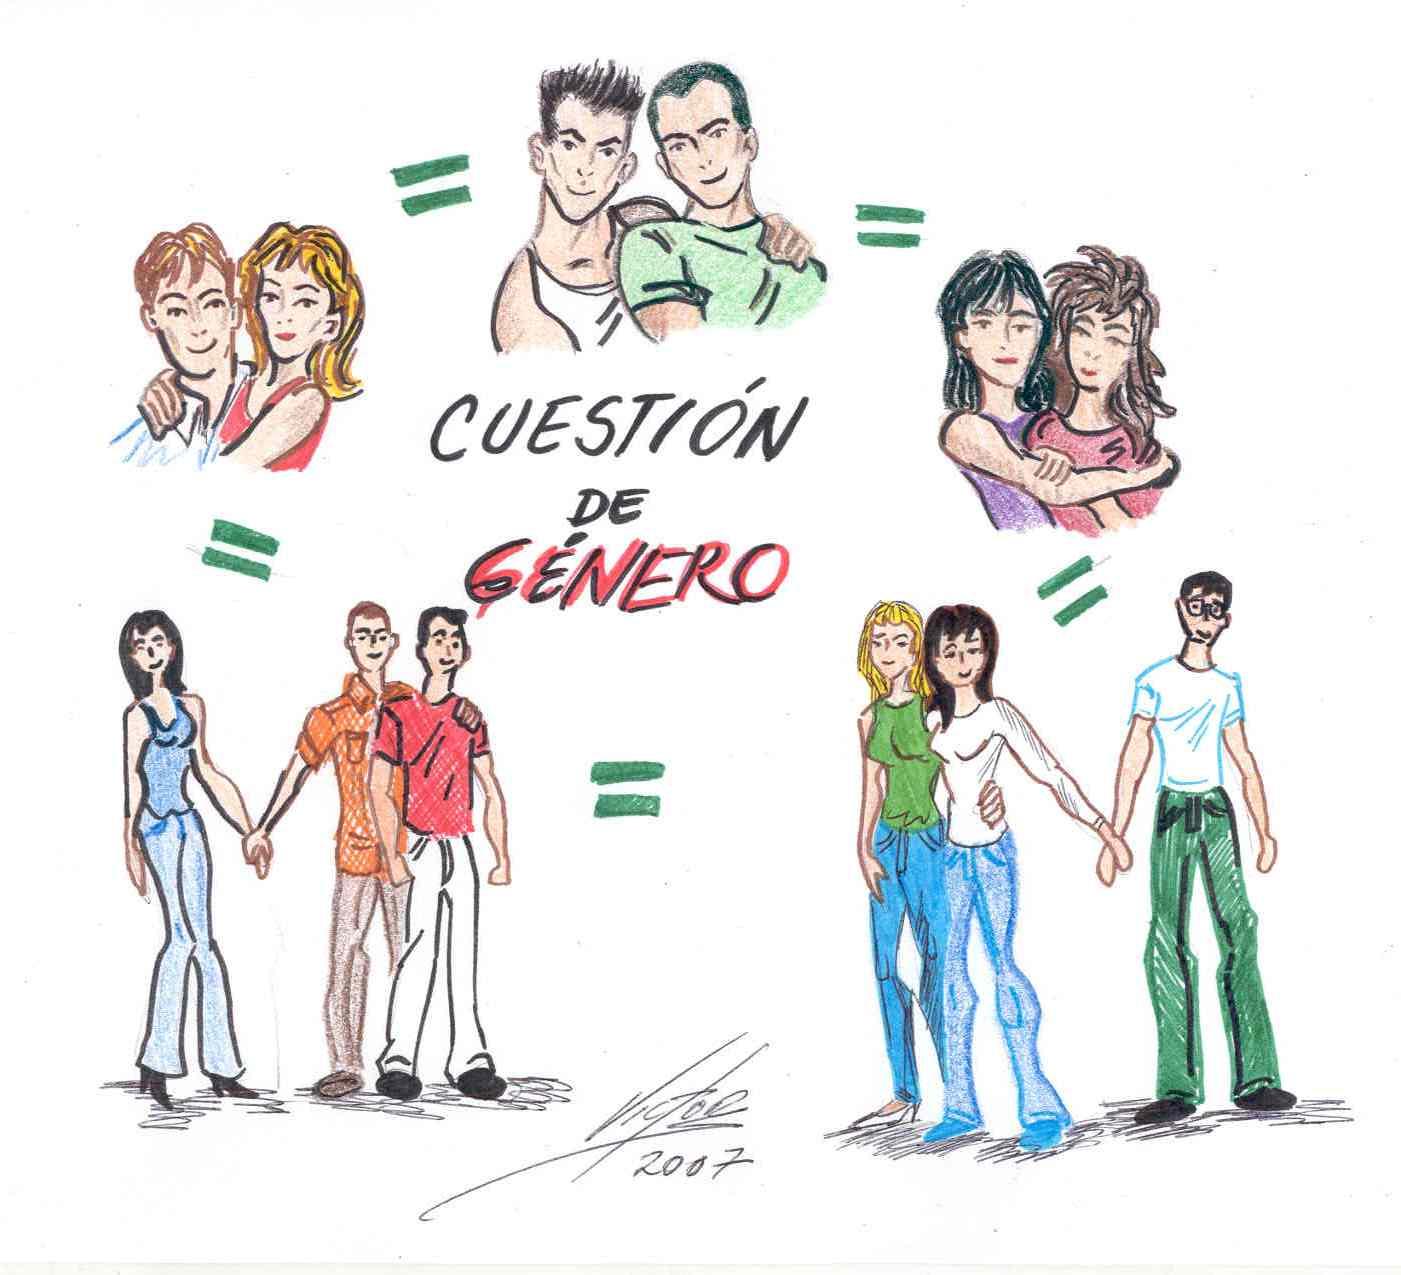 La sexualidad en nuestra Sociedad - Reflexiones y